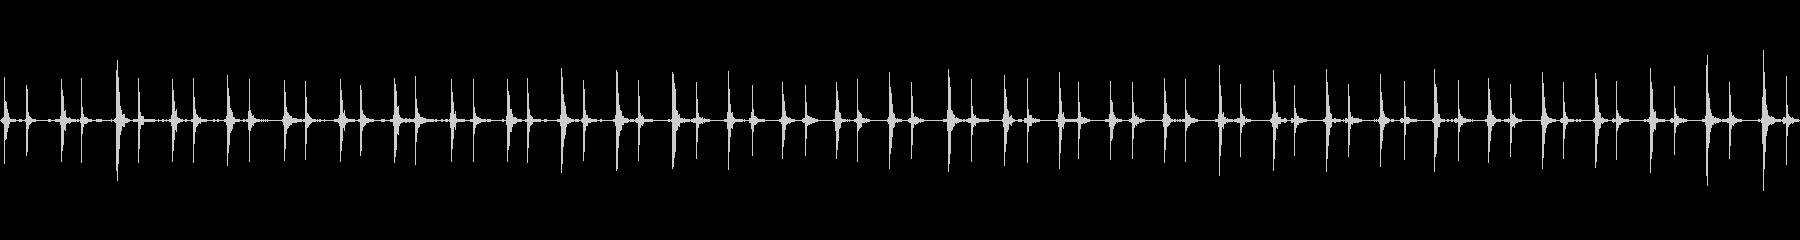 マウス;複数のマウスクリック。の未再生の波形